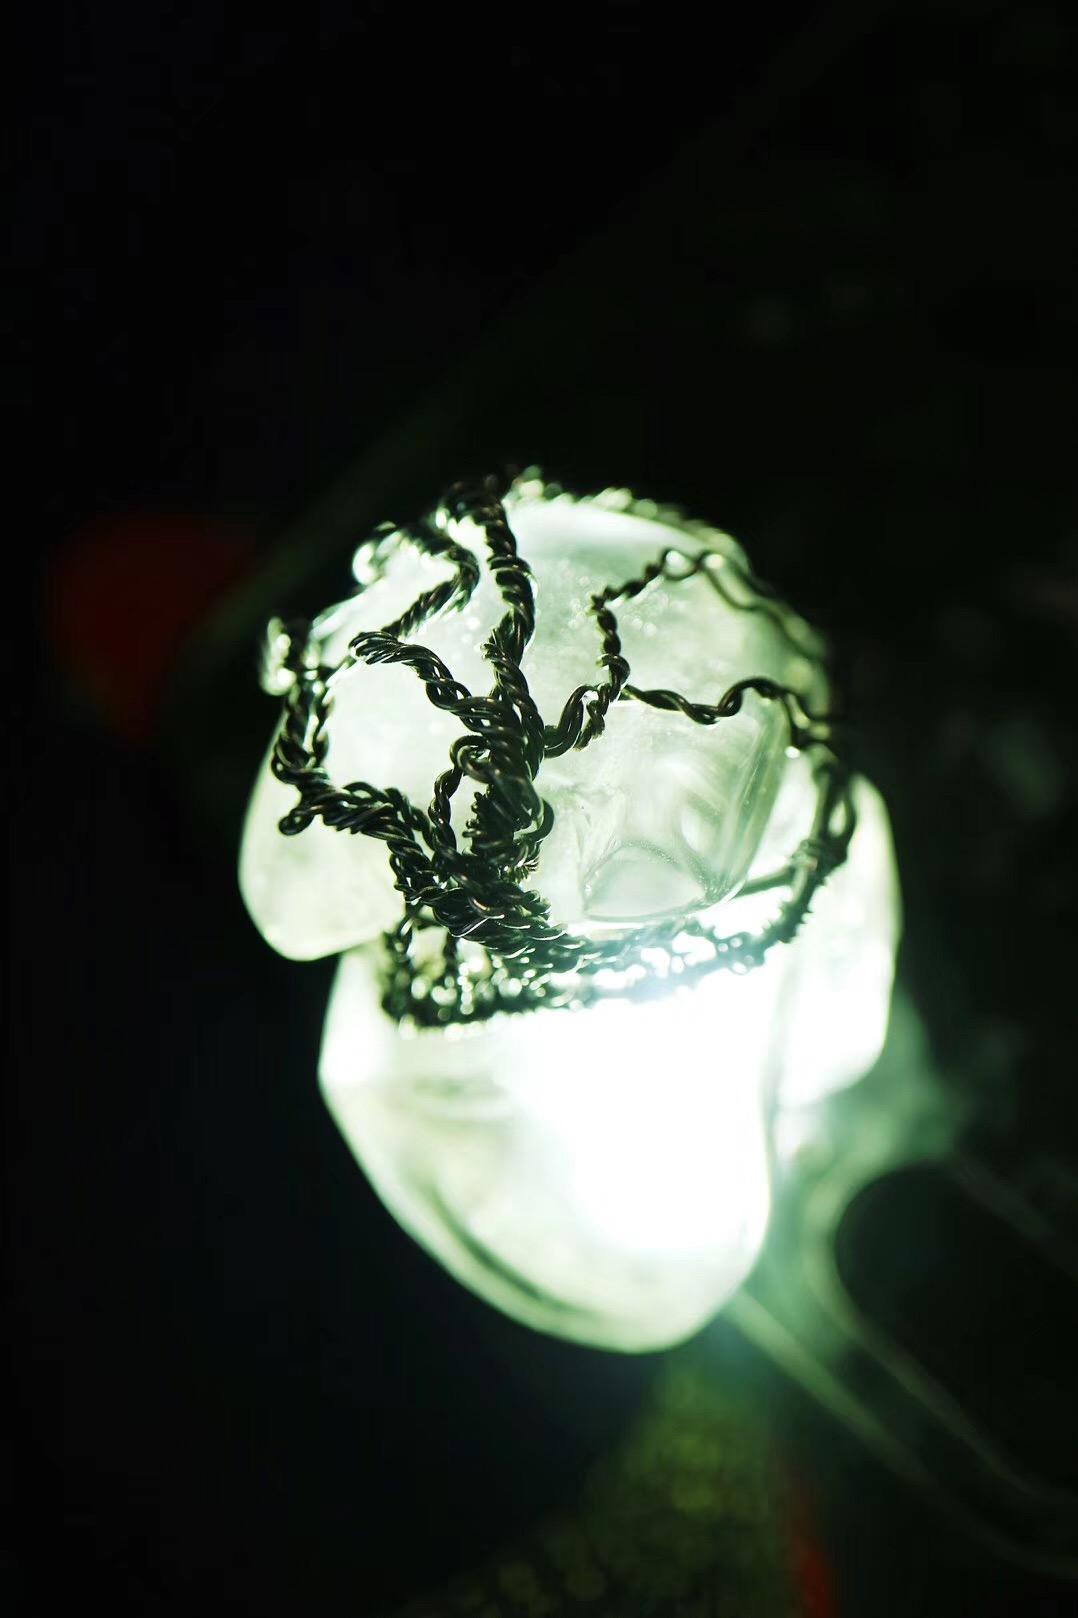 【菩心-白水晶&重生】客订~你的记忆真的是你的吗?-菩心晶舍